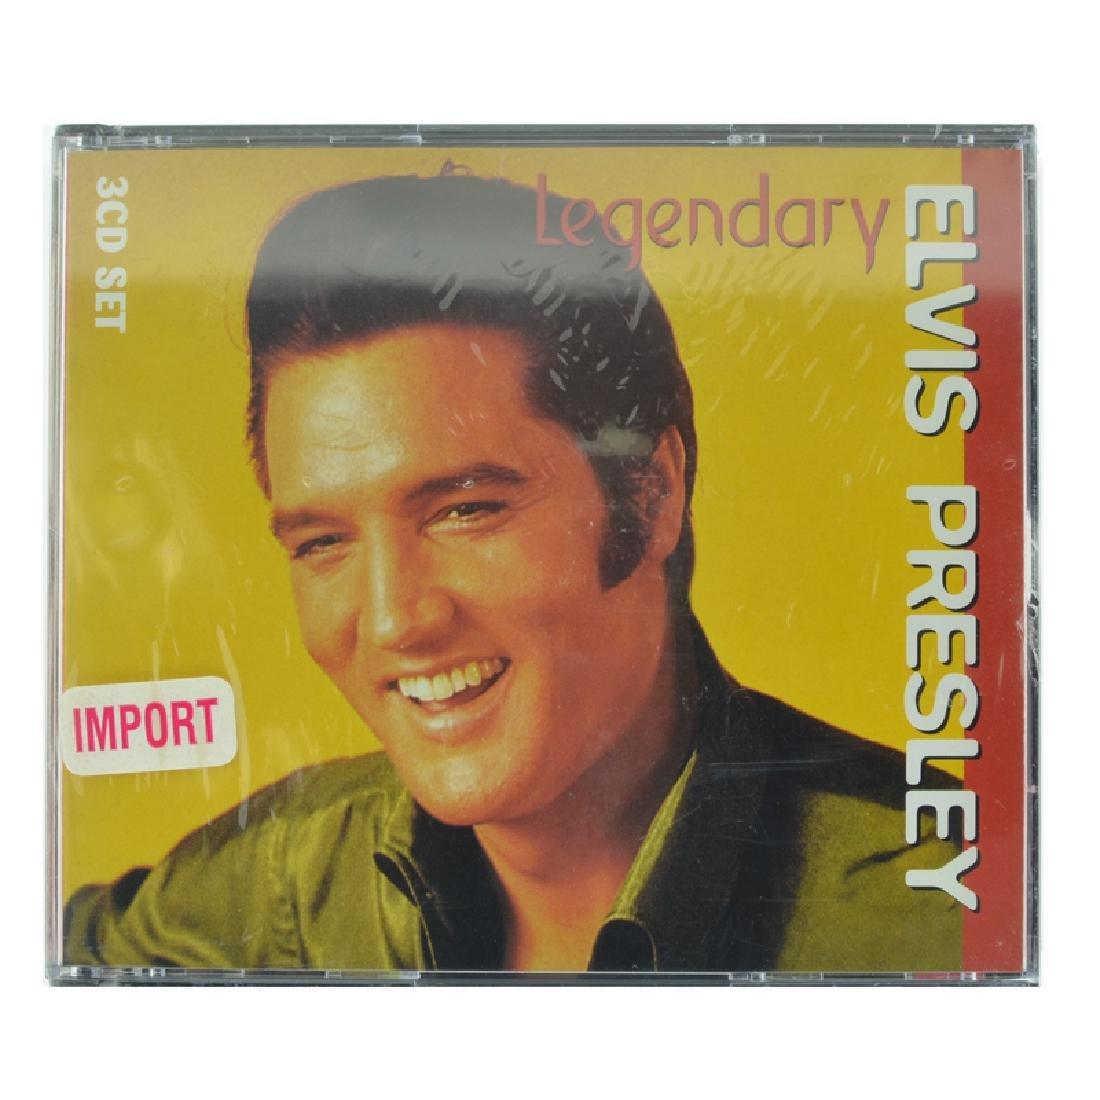 Elvis Presley 3 CD's Legendary (Unopen)